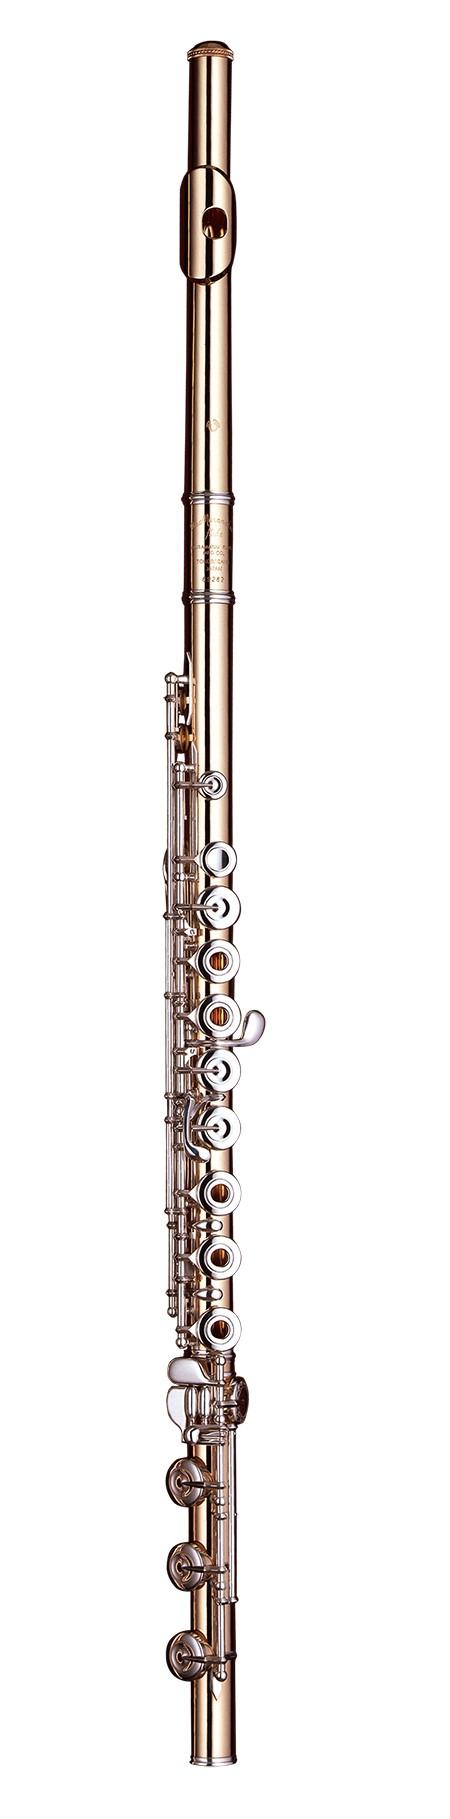 Muramatsu - 18 - K Go/Si - RBEI - Holzblasinstrumente - Flöten mit E-Mechanik | MUSIK BERTRAM Deutschland Freiburg